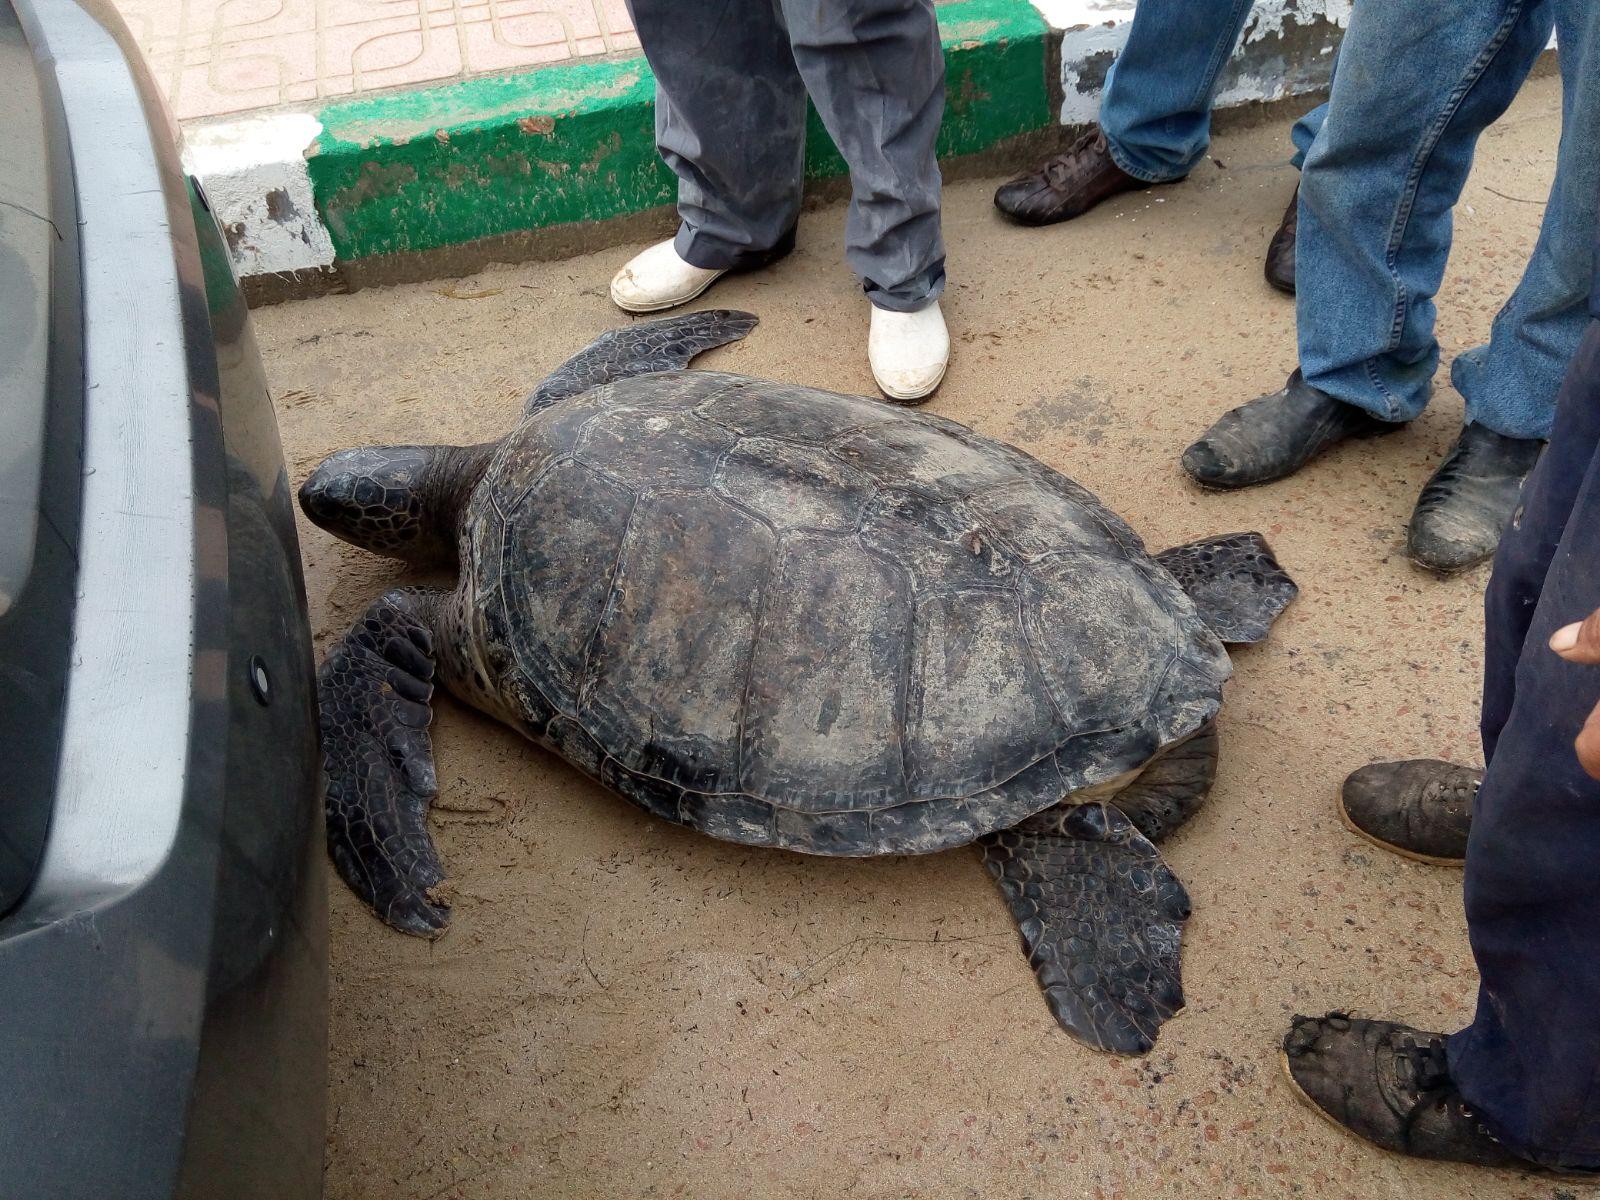 نقاذ سلحفاة نادرة وإعادتها للبحر بعد تعرضها للتعذيب بالفيوم